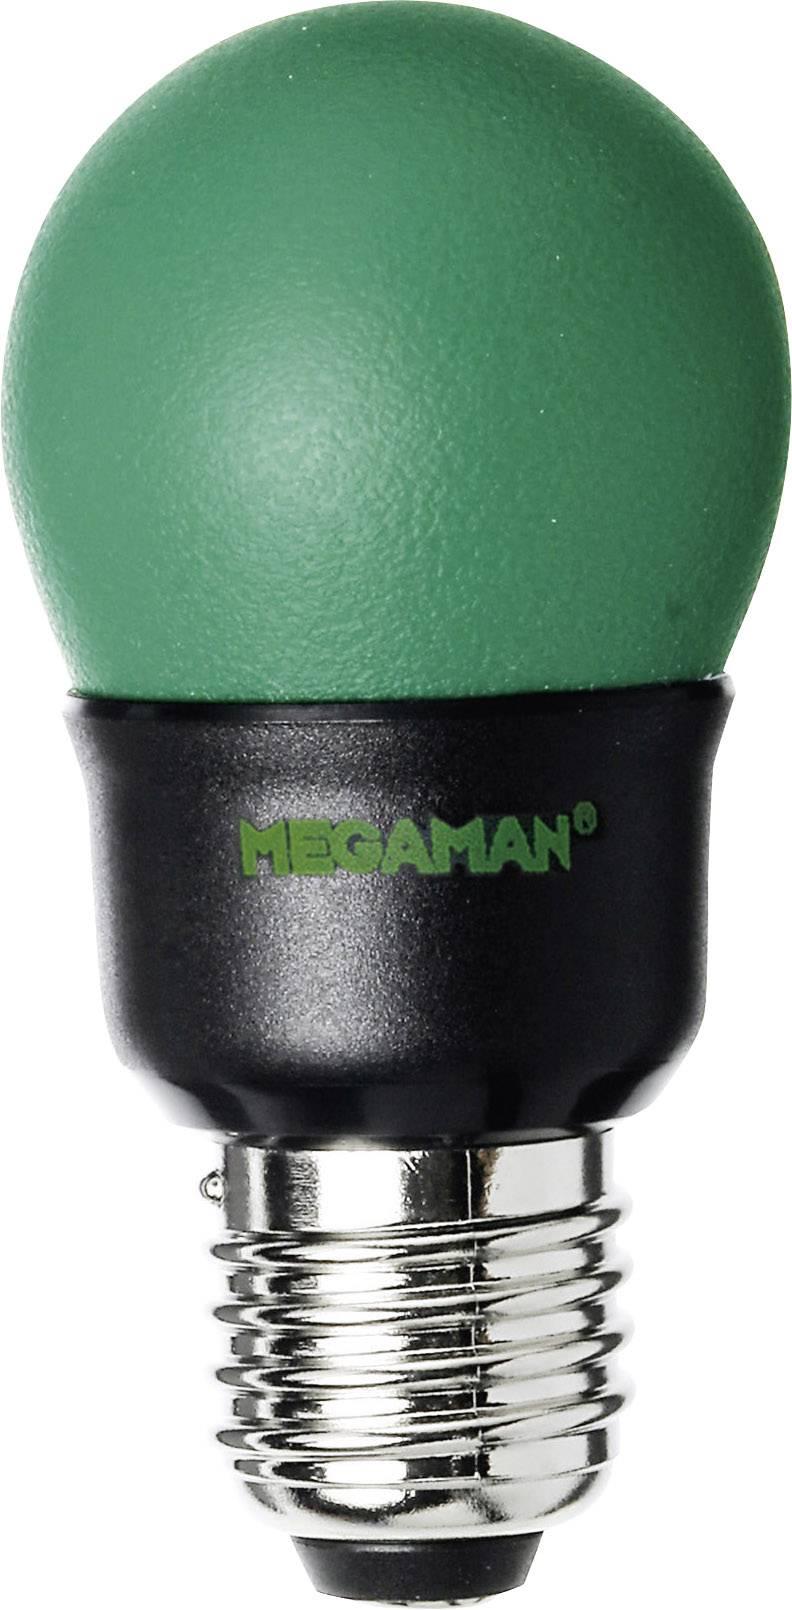 Úsporná žiarovka guľatá Megaman Party Color E27, 7 W, zelená